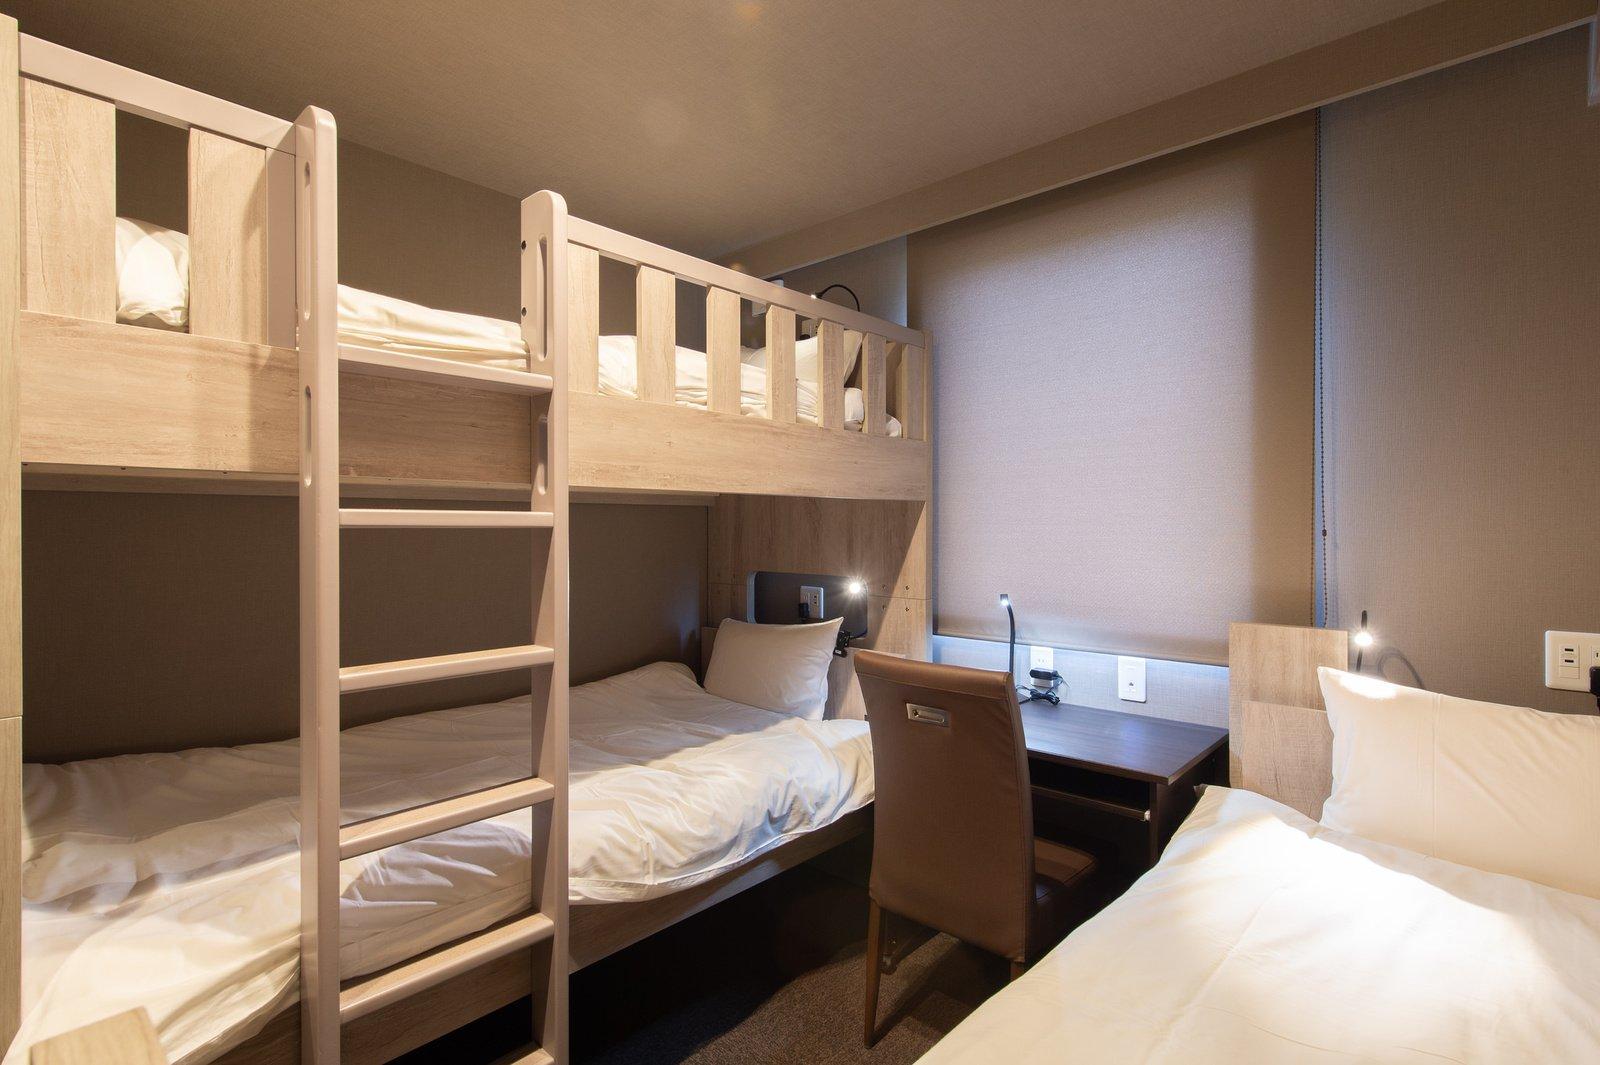 A triple room in Midtown Niseko.